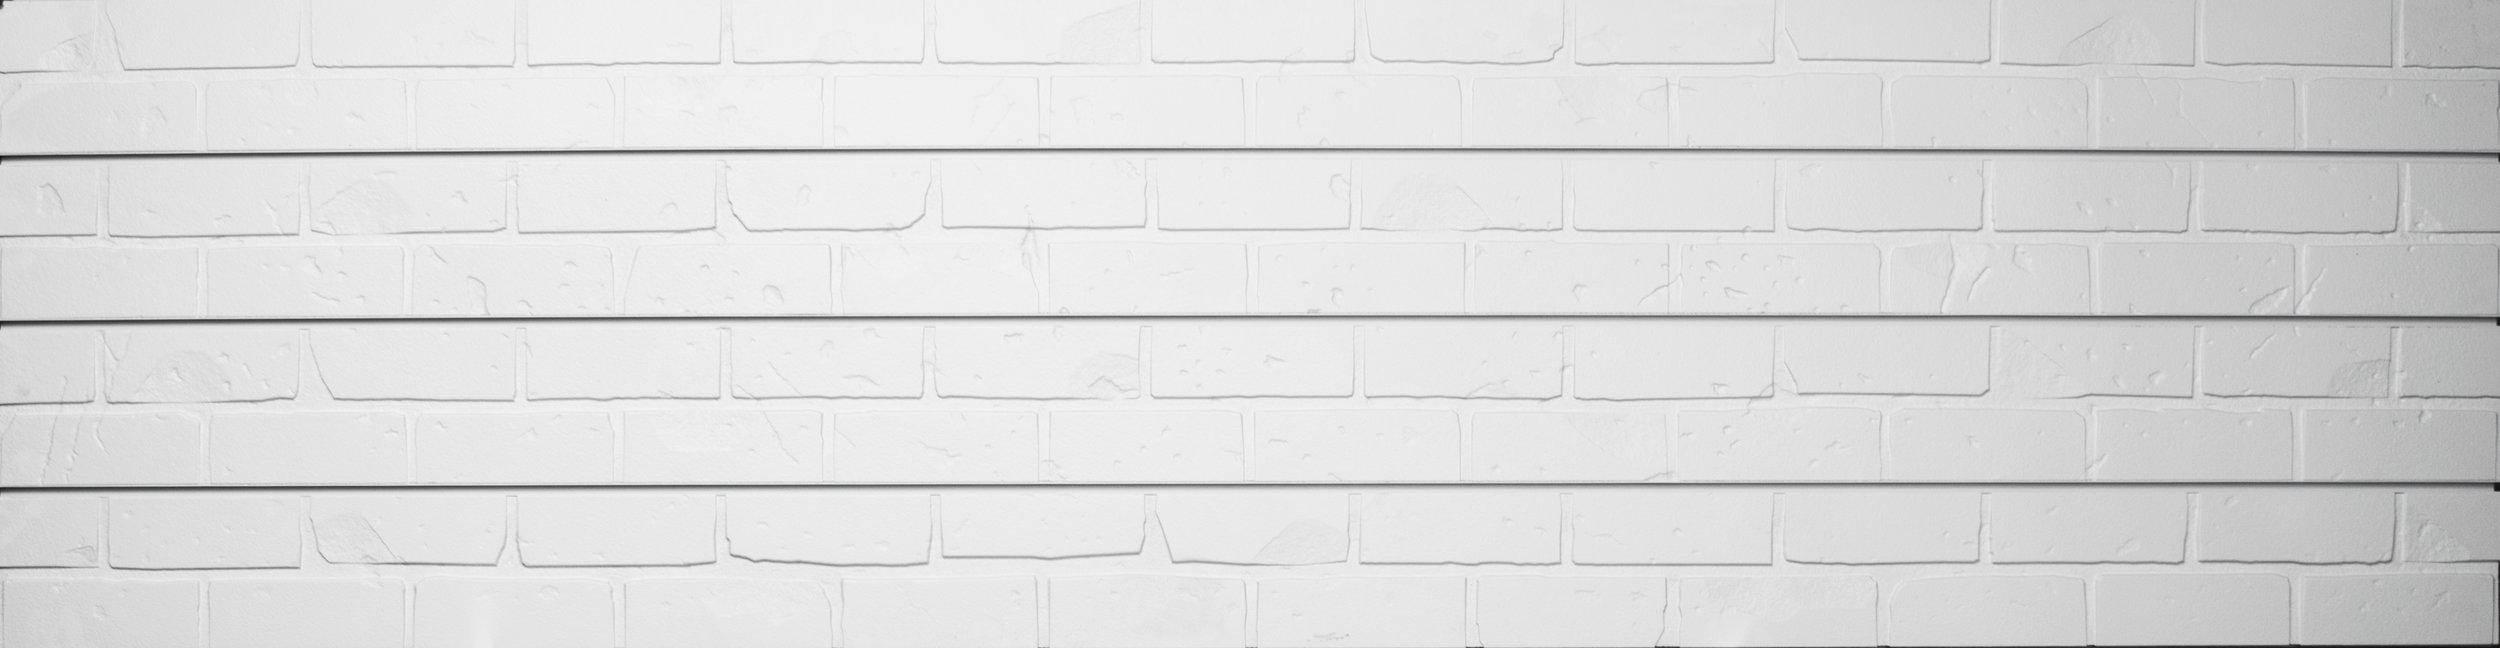 Brick white full sheet .jpg